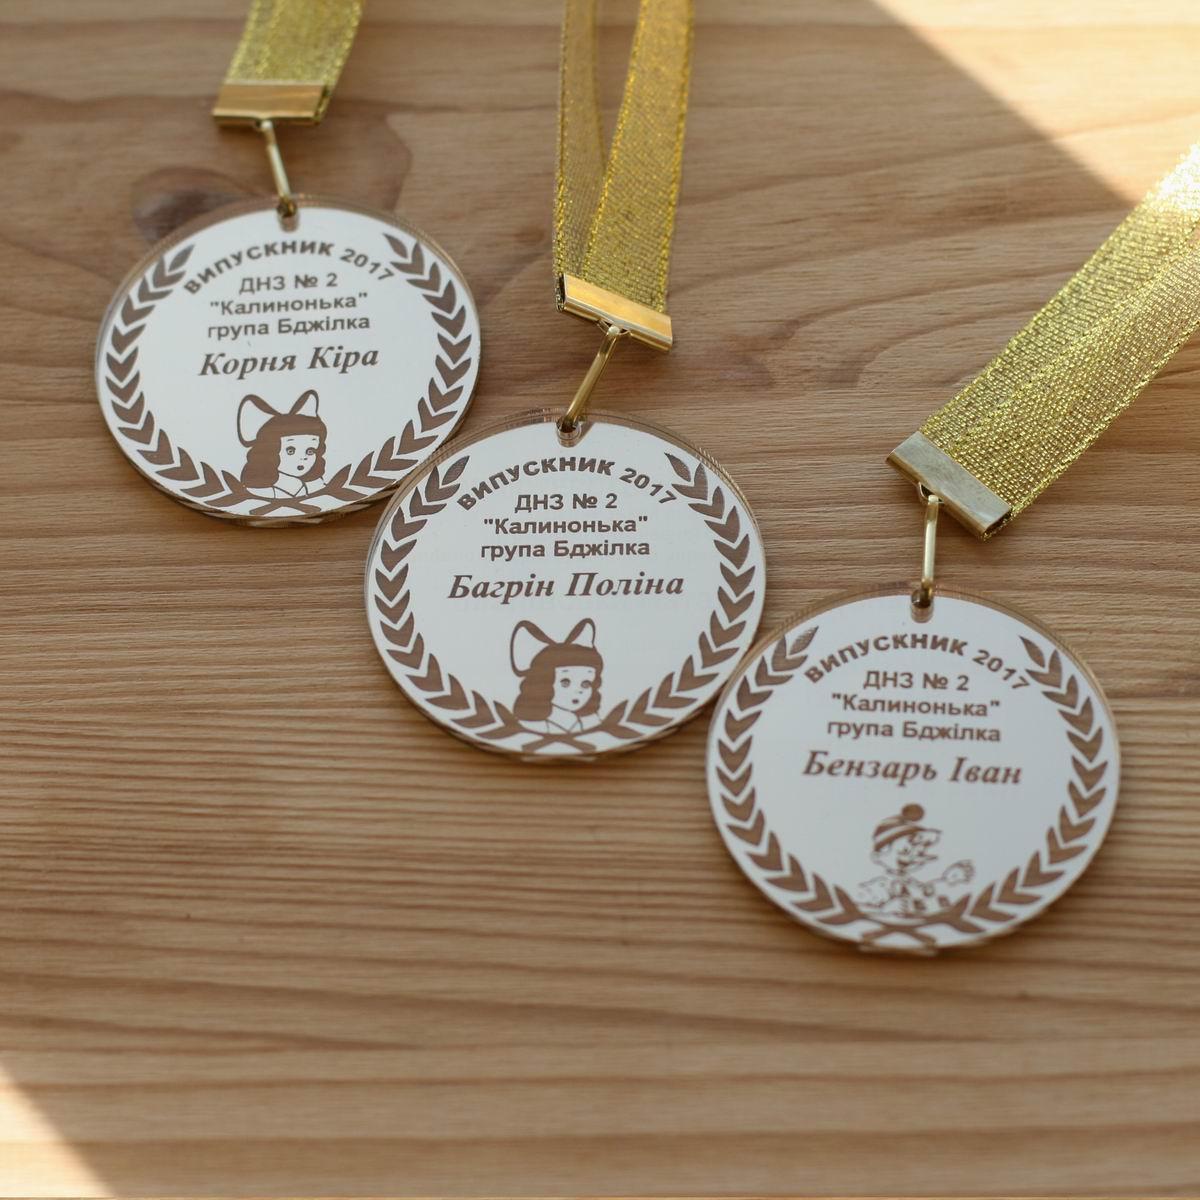 Медаль выпускника детского сада с картинками (логотип сада или группы) - Медалі для дитячого садка